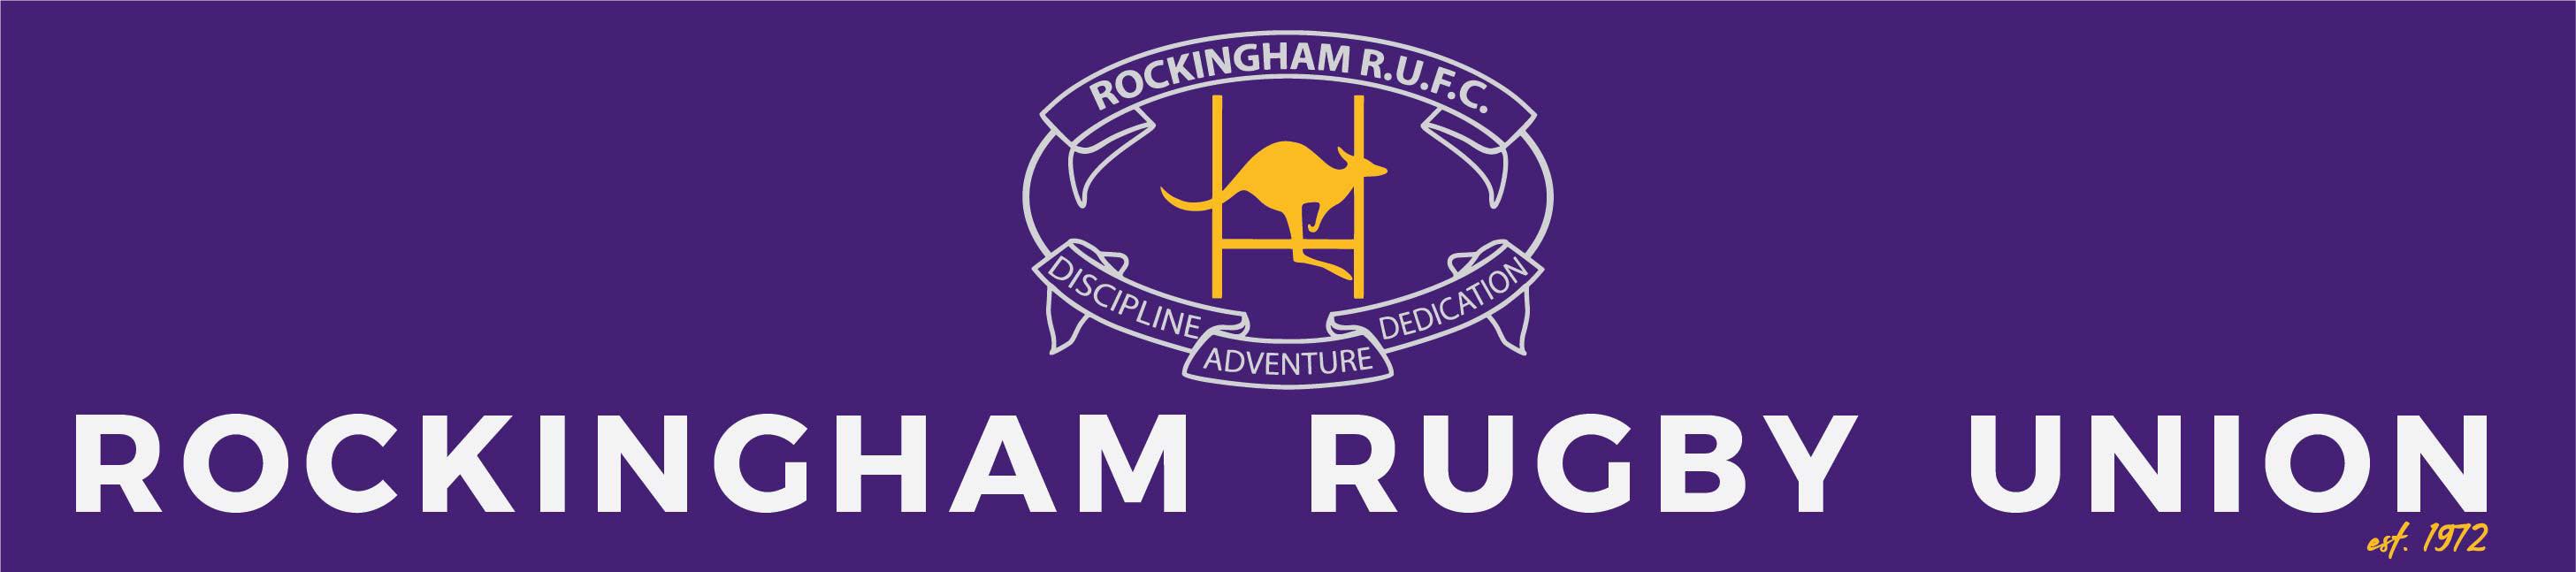 Rockingham Rugby